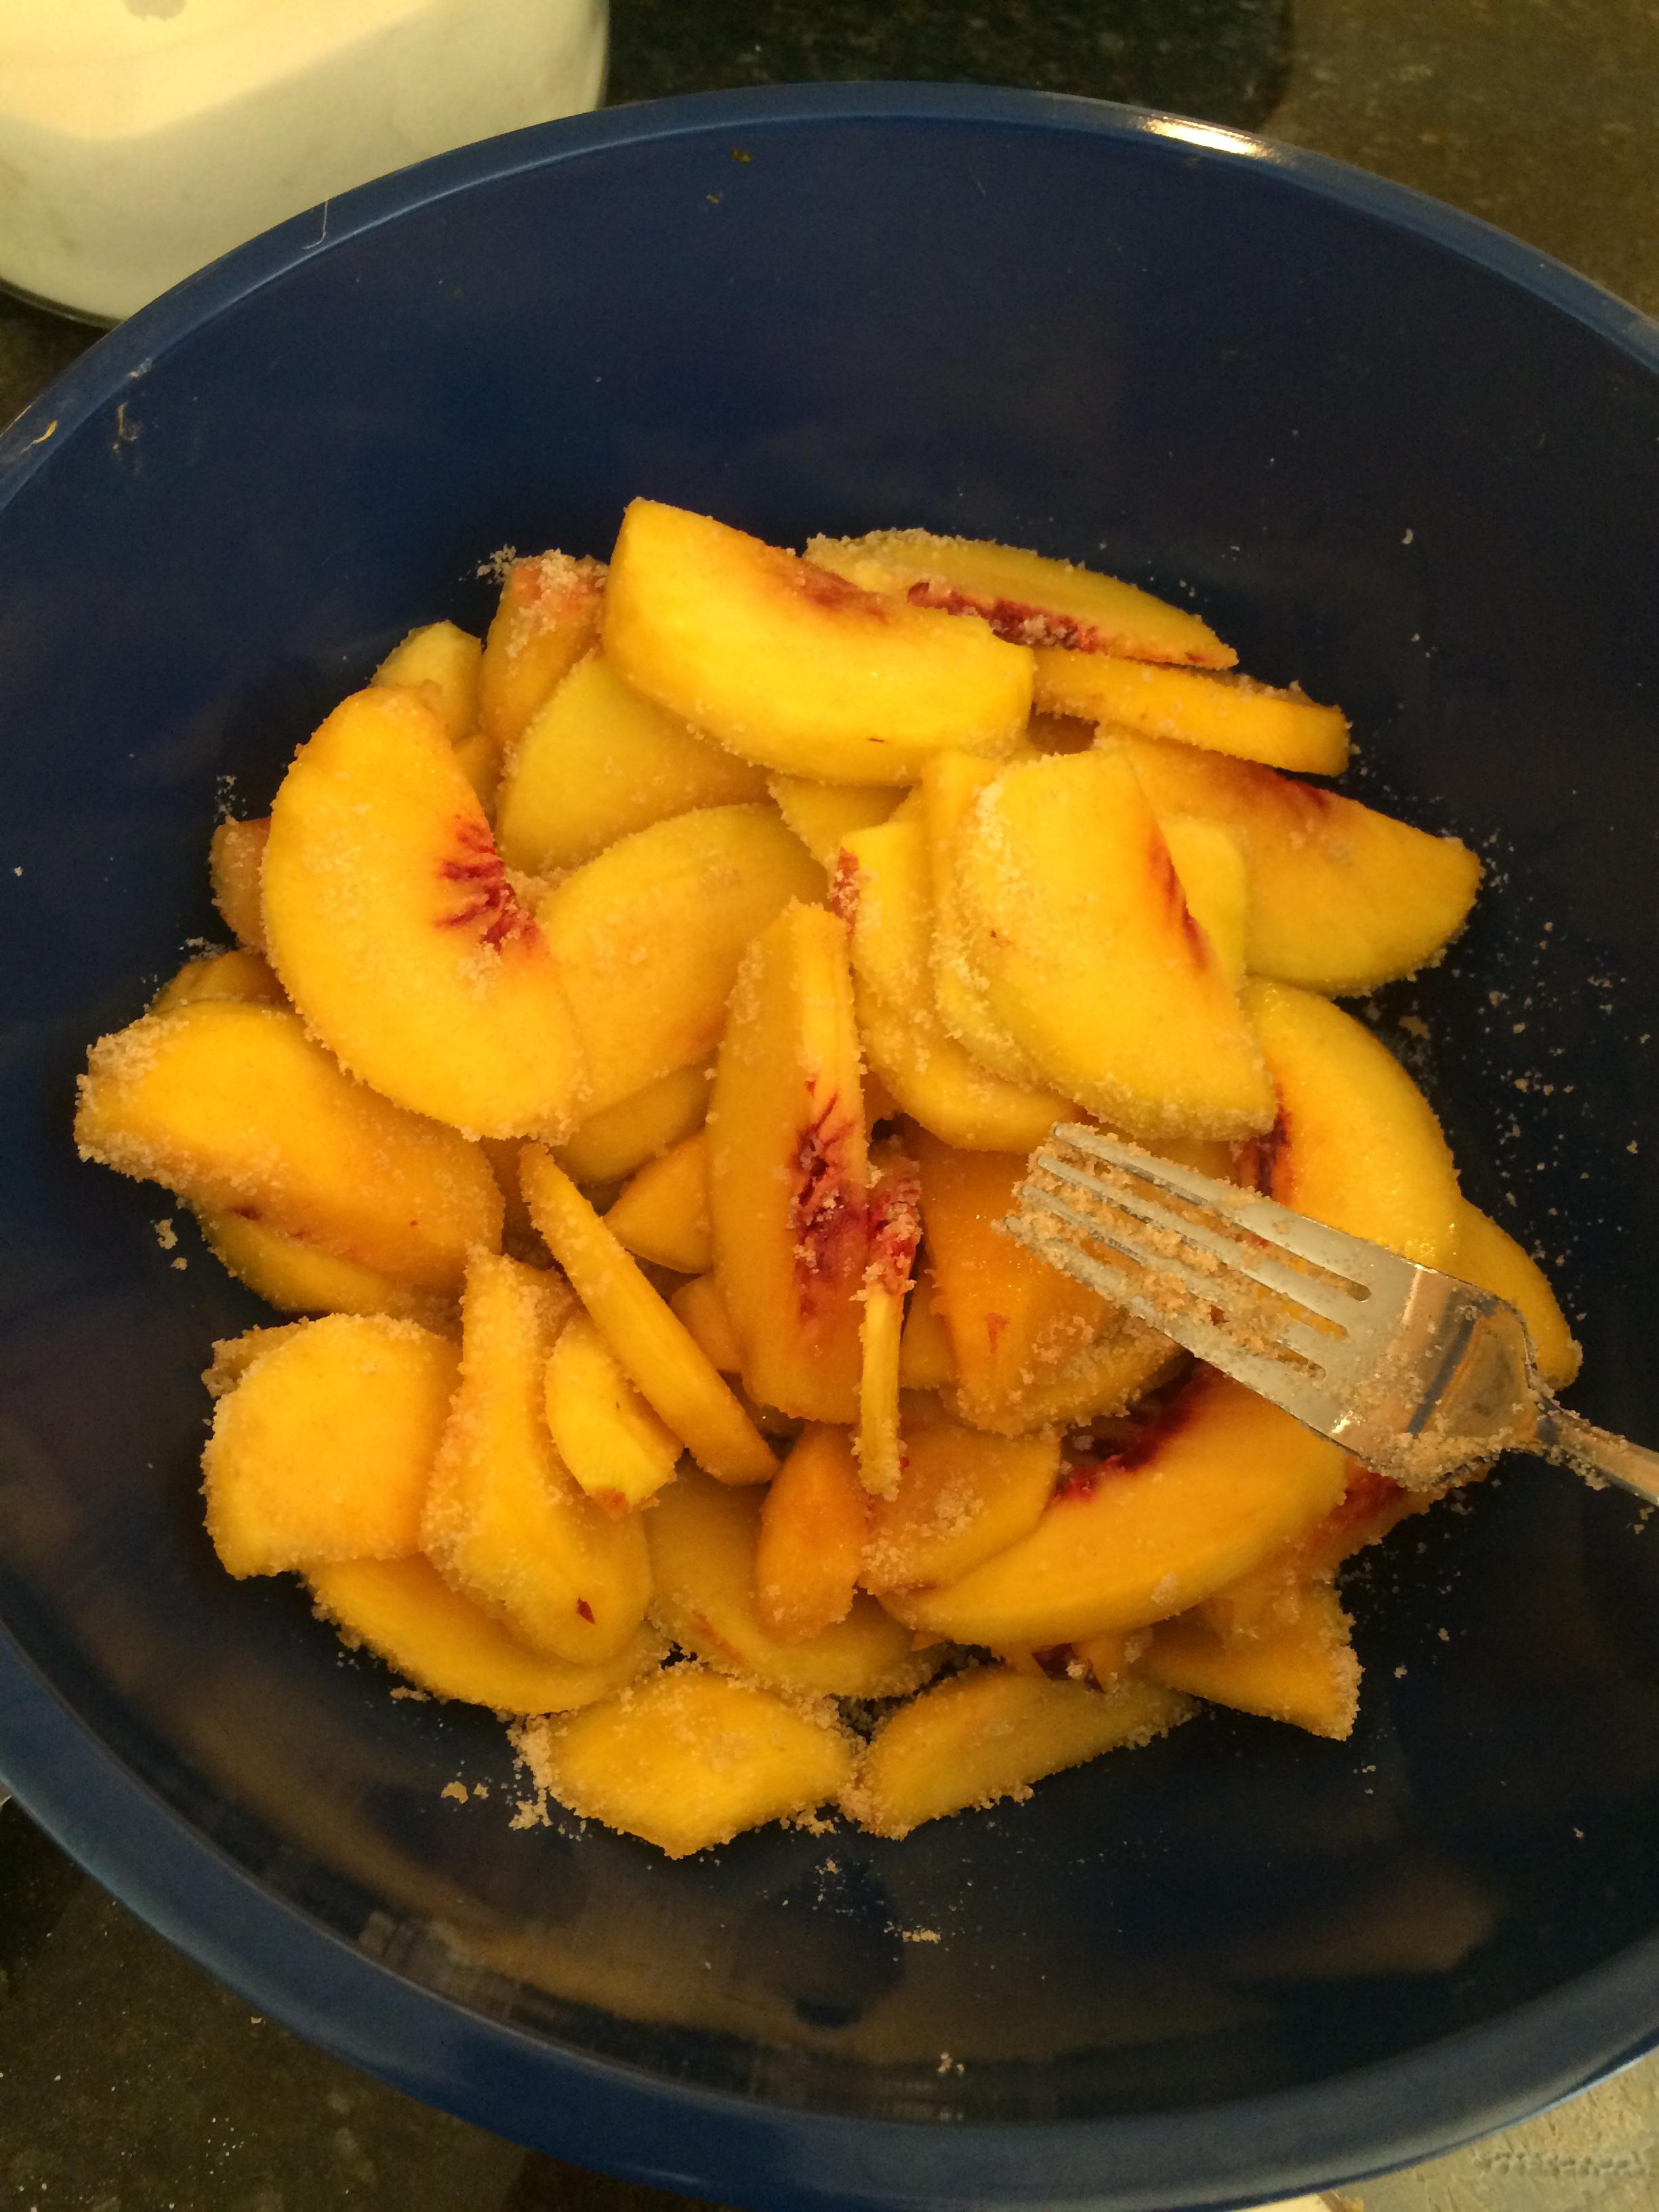 I made a peach pie! September 13, 2015 14